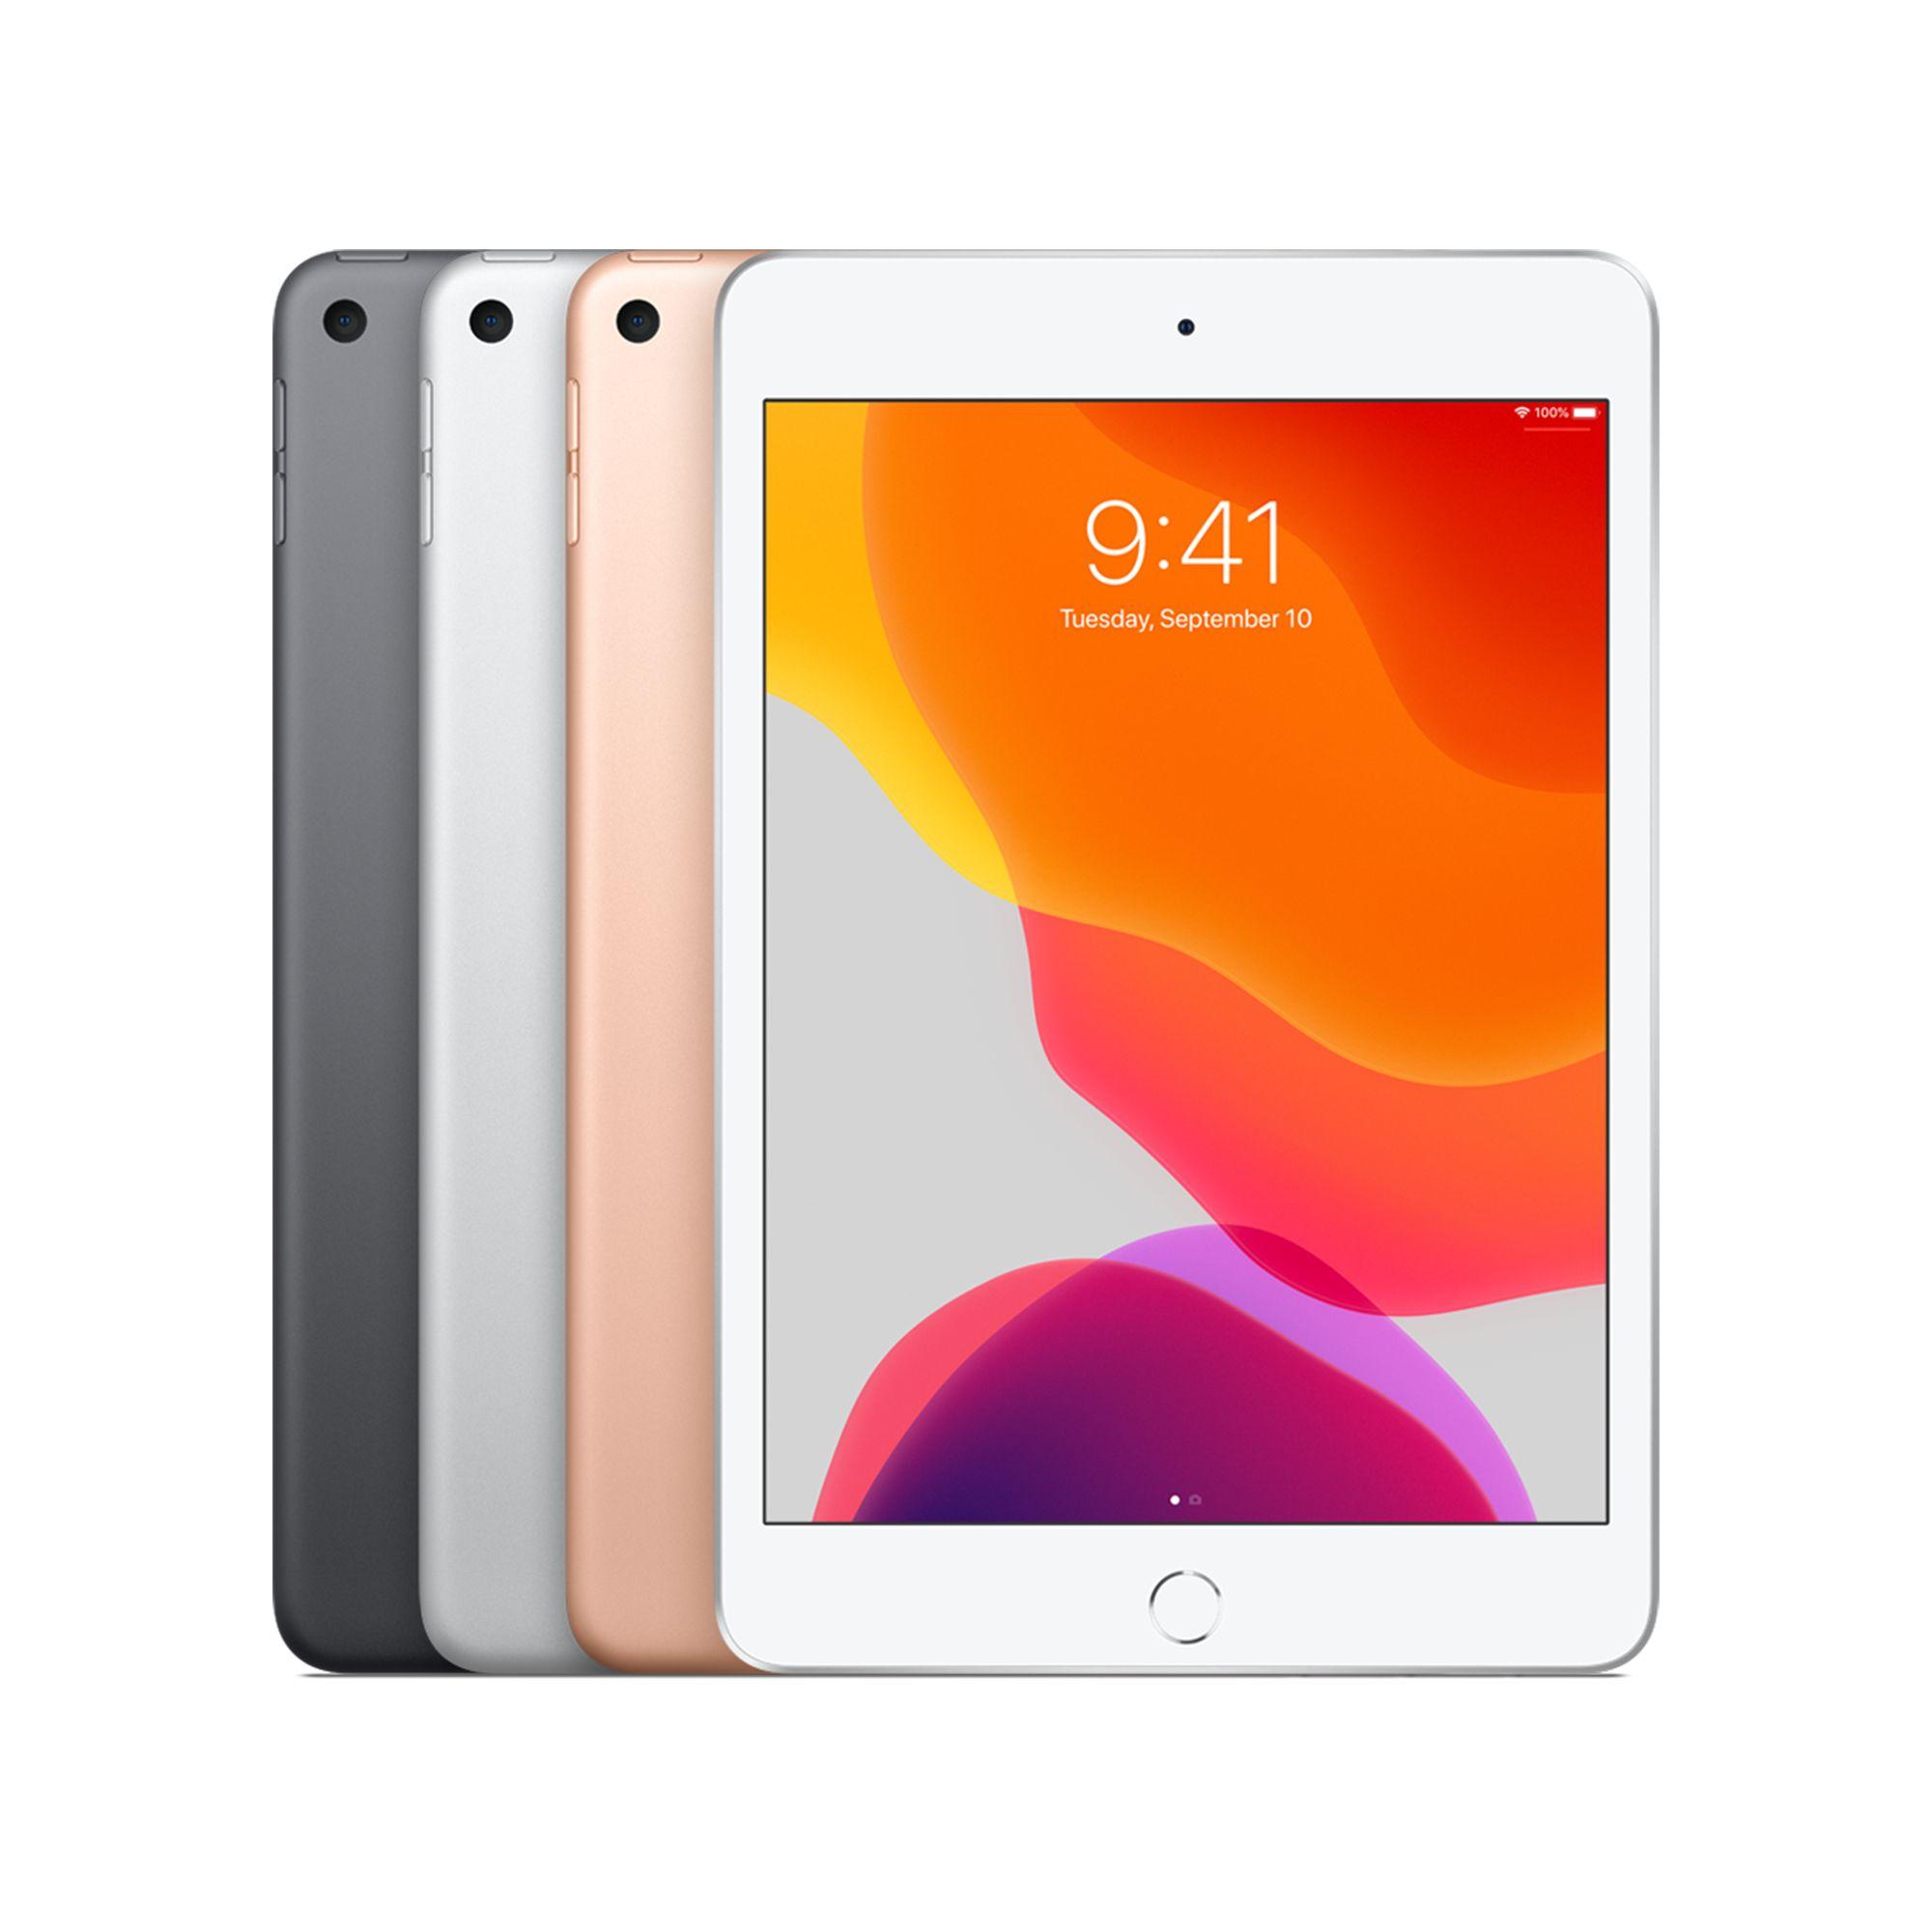 Buy Ipad Mini Apple